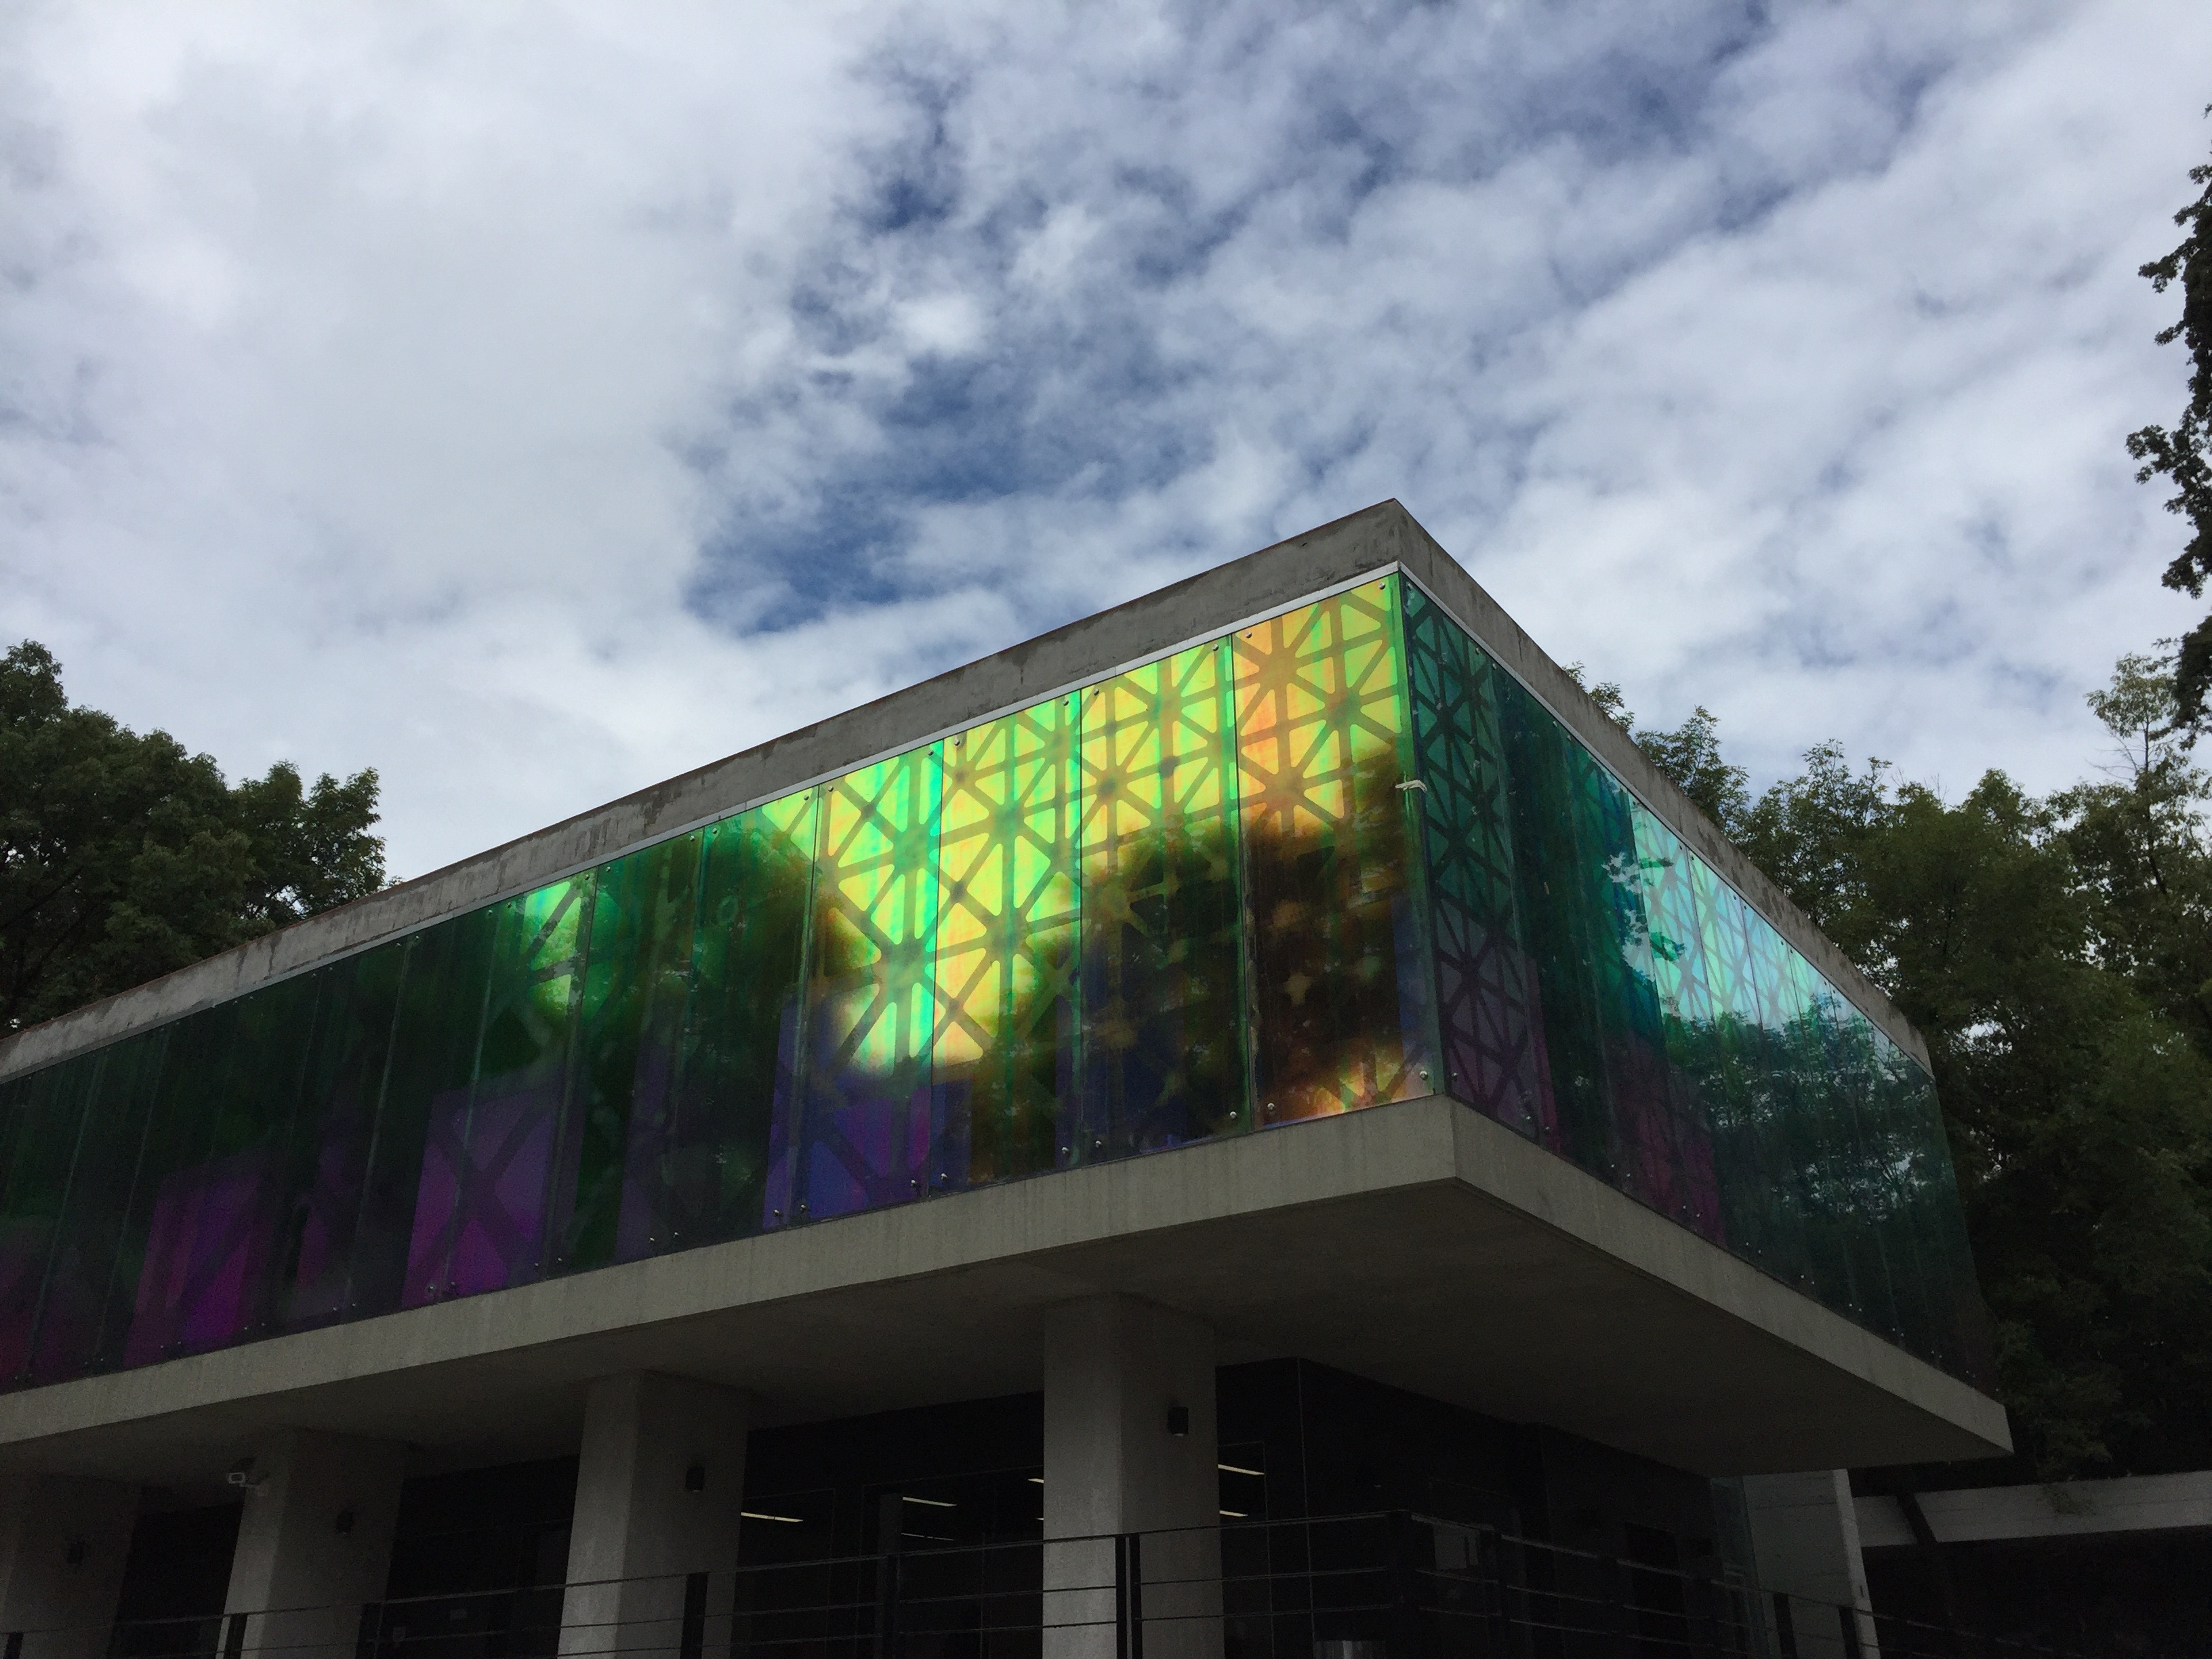 Del espacio arquitectónico al objeto artístico y viceversa